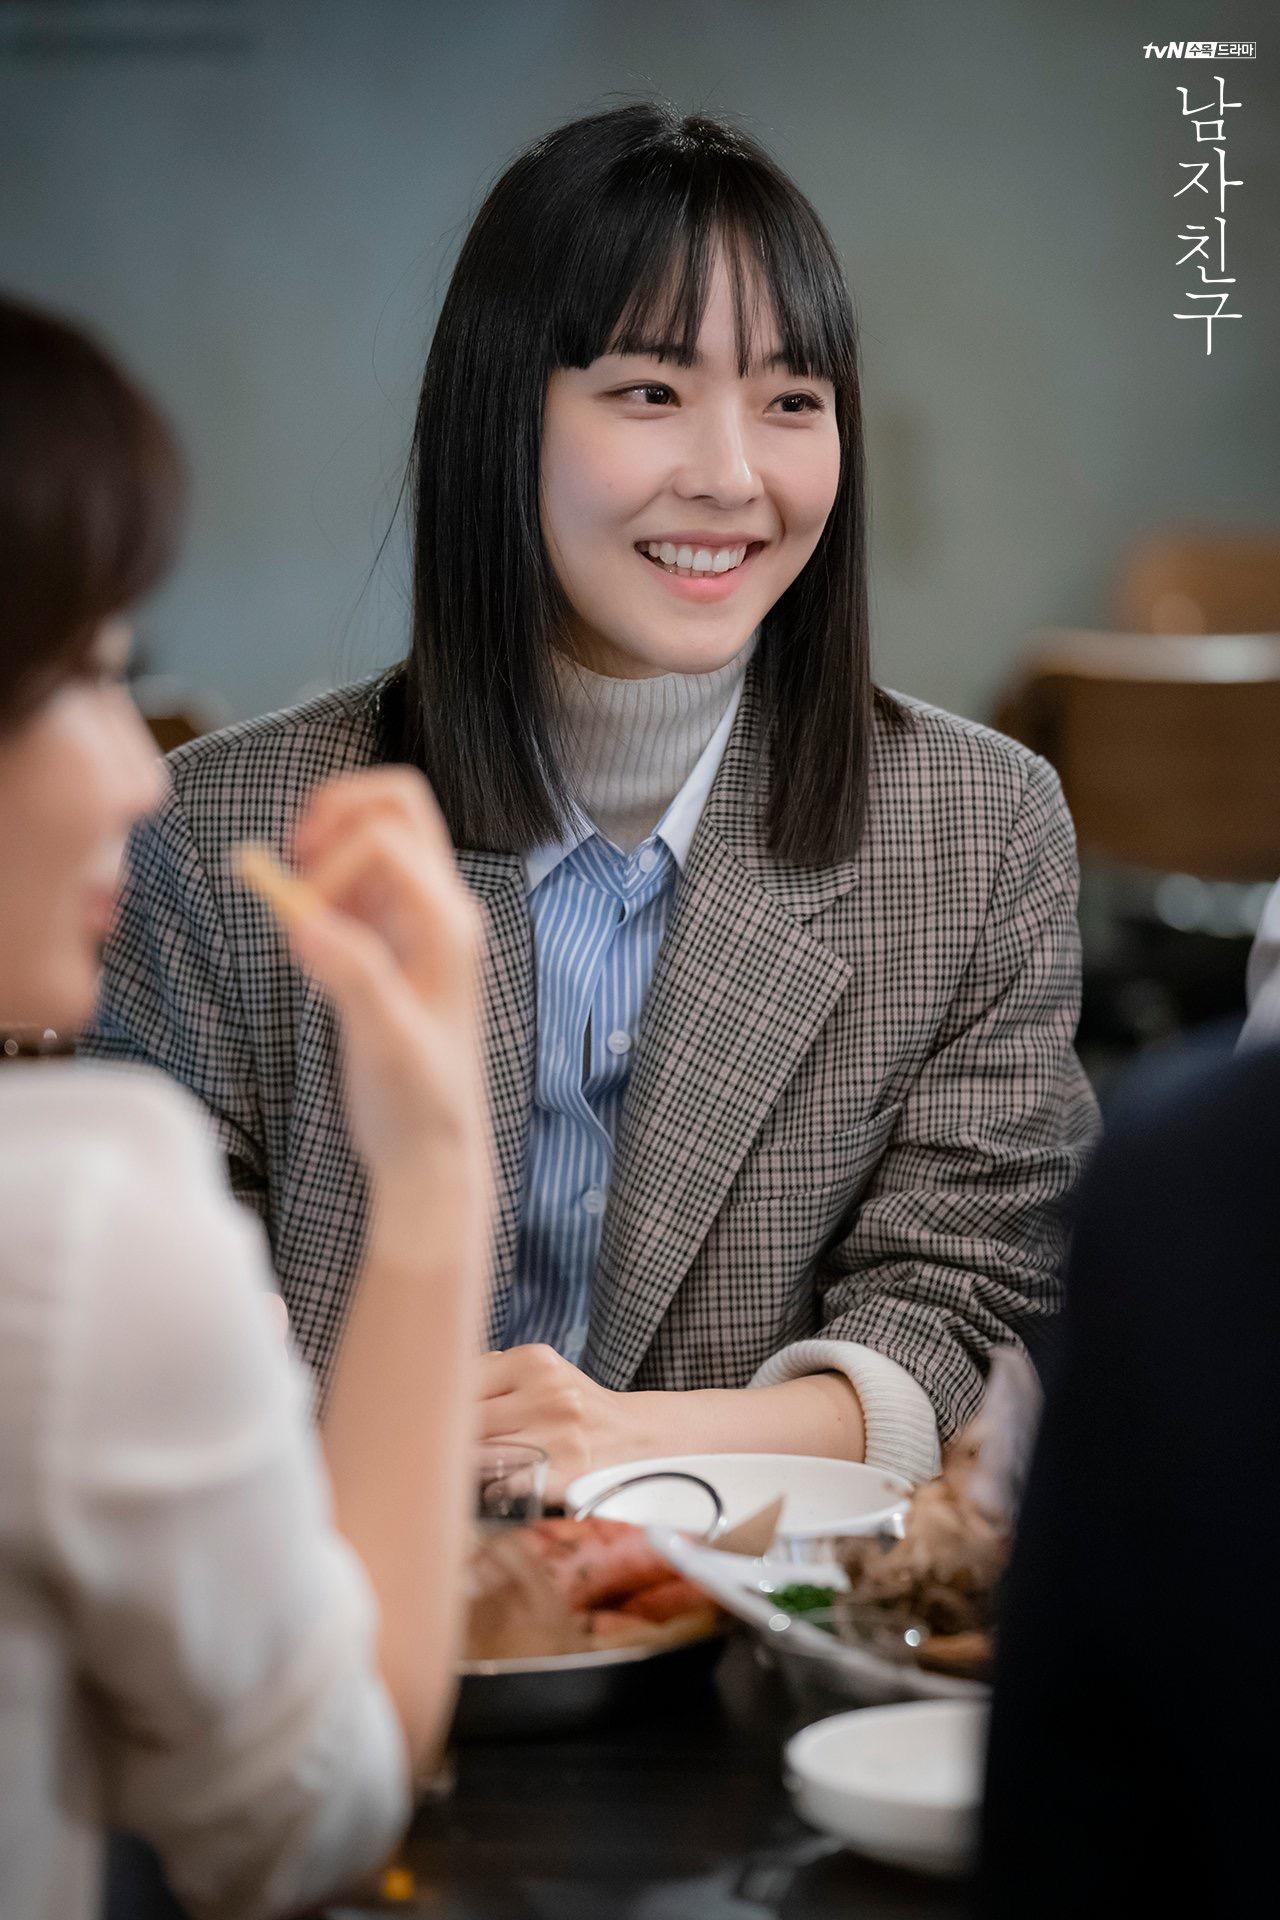 3 kiểu blazer sao Hàn hay diện trong phim, đã đẹp tinh tế còn không bao giờ lỗi mốt, nàng công sở rất nên học theo - Ảnh 9.